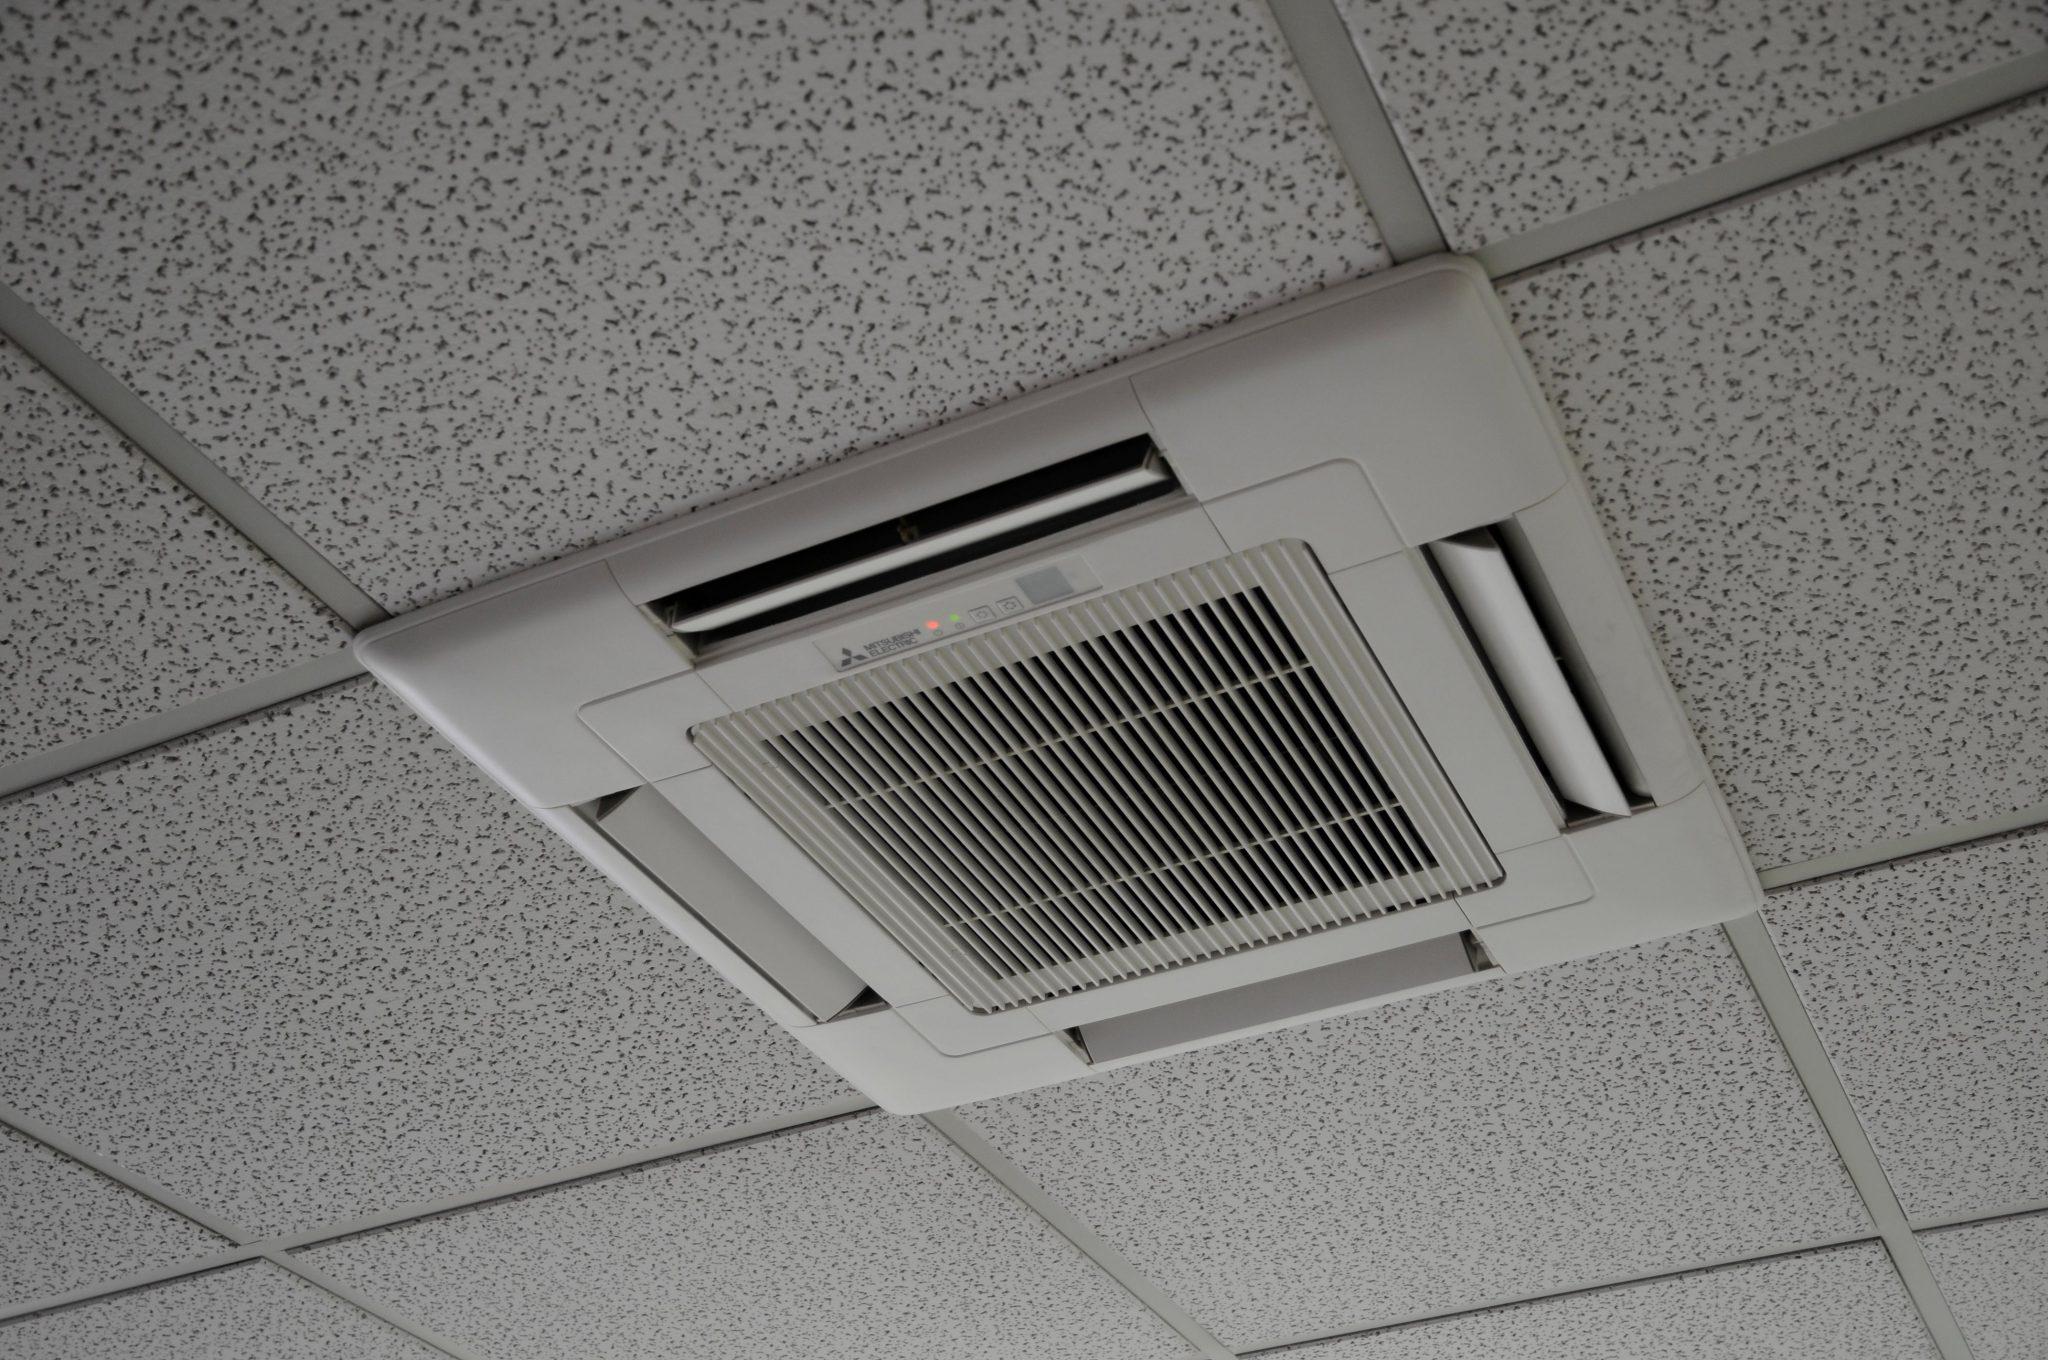 climatisation cassette modif - Activités